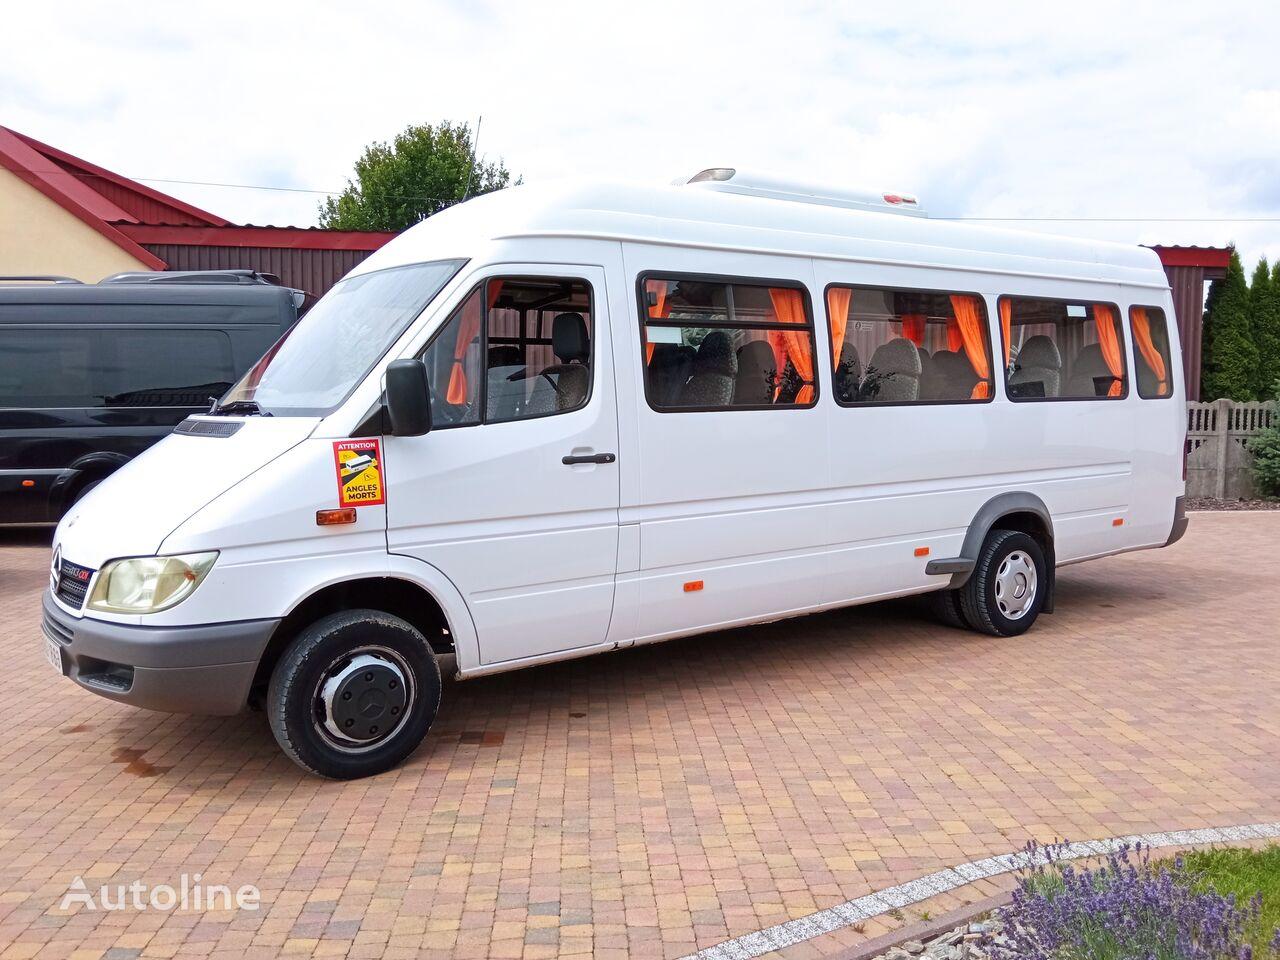 MERCEDES-BENZ Sprinter 413 CDI interurban bus